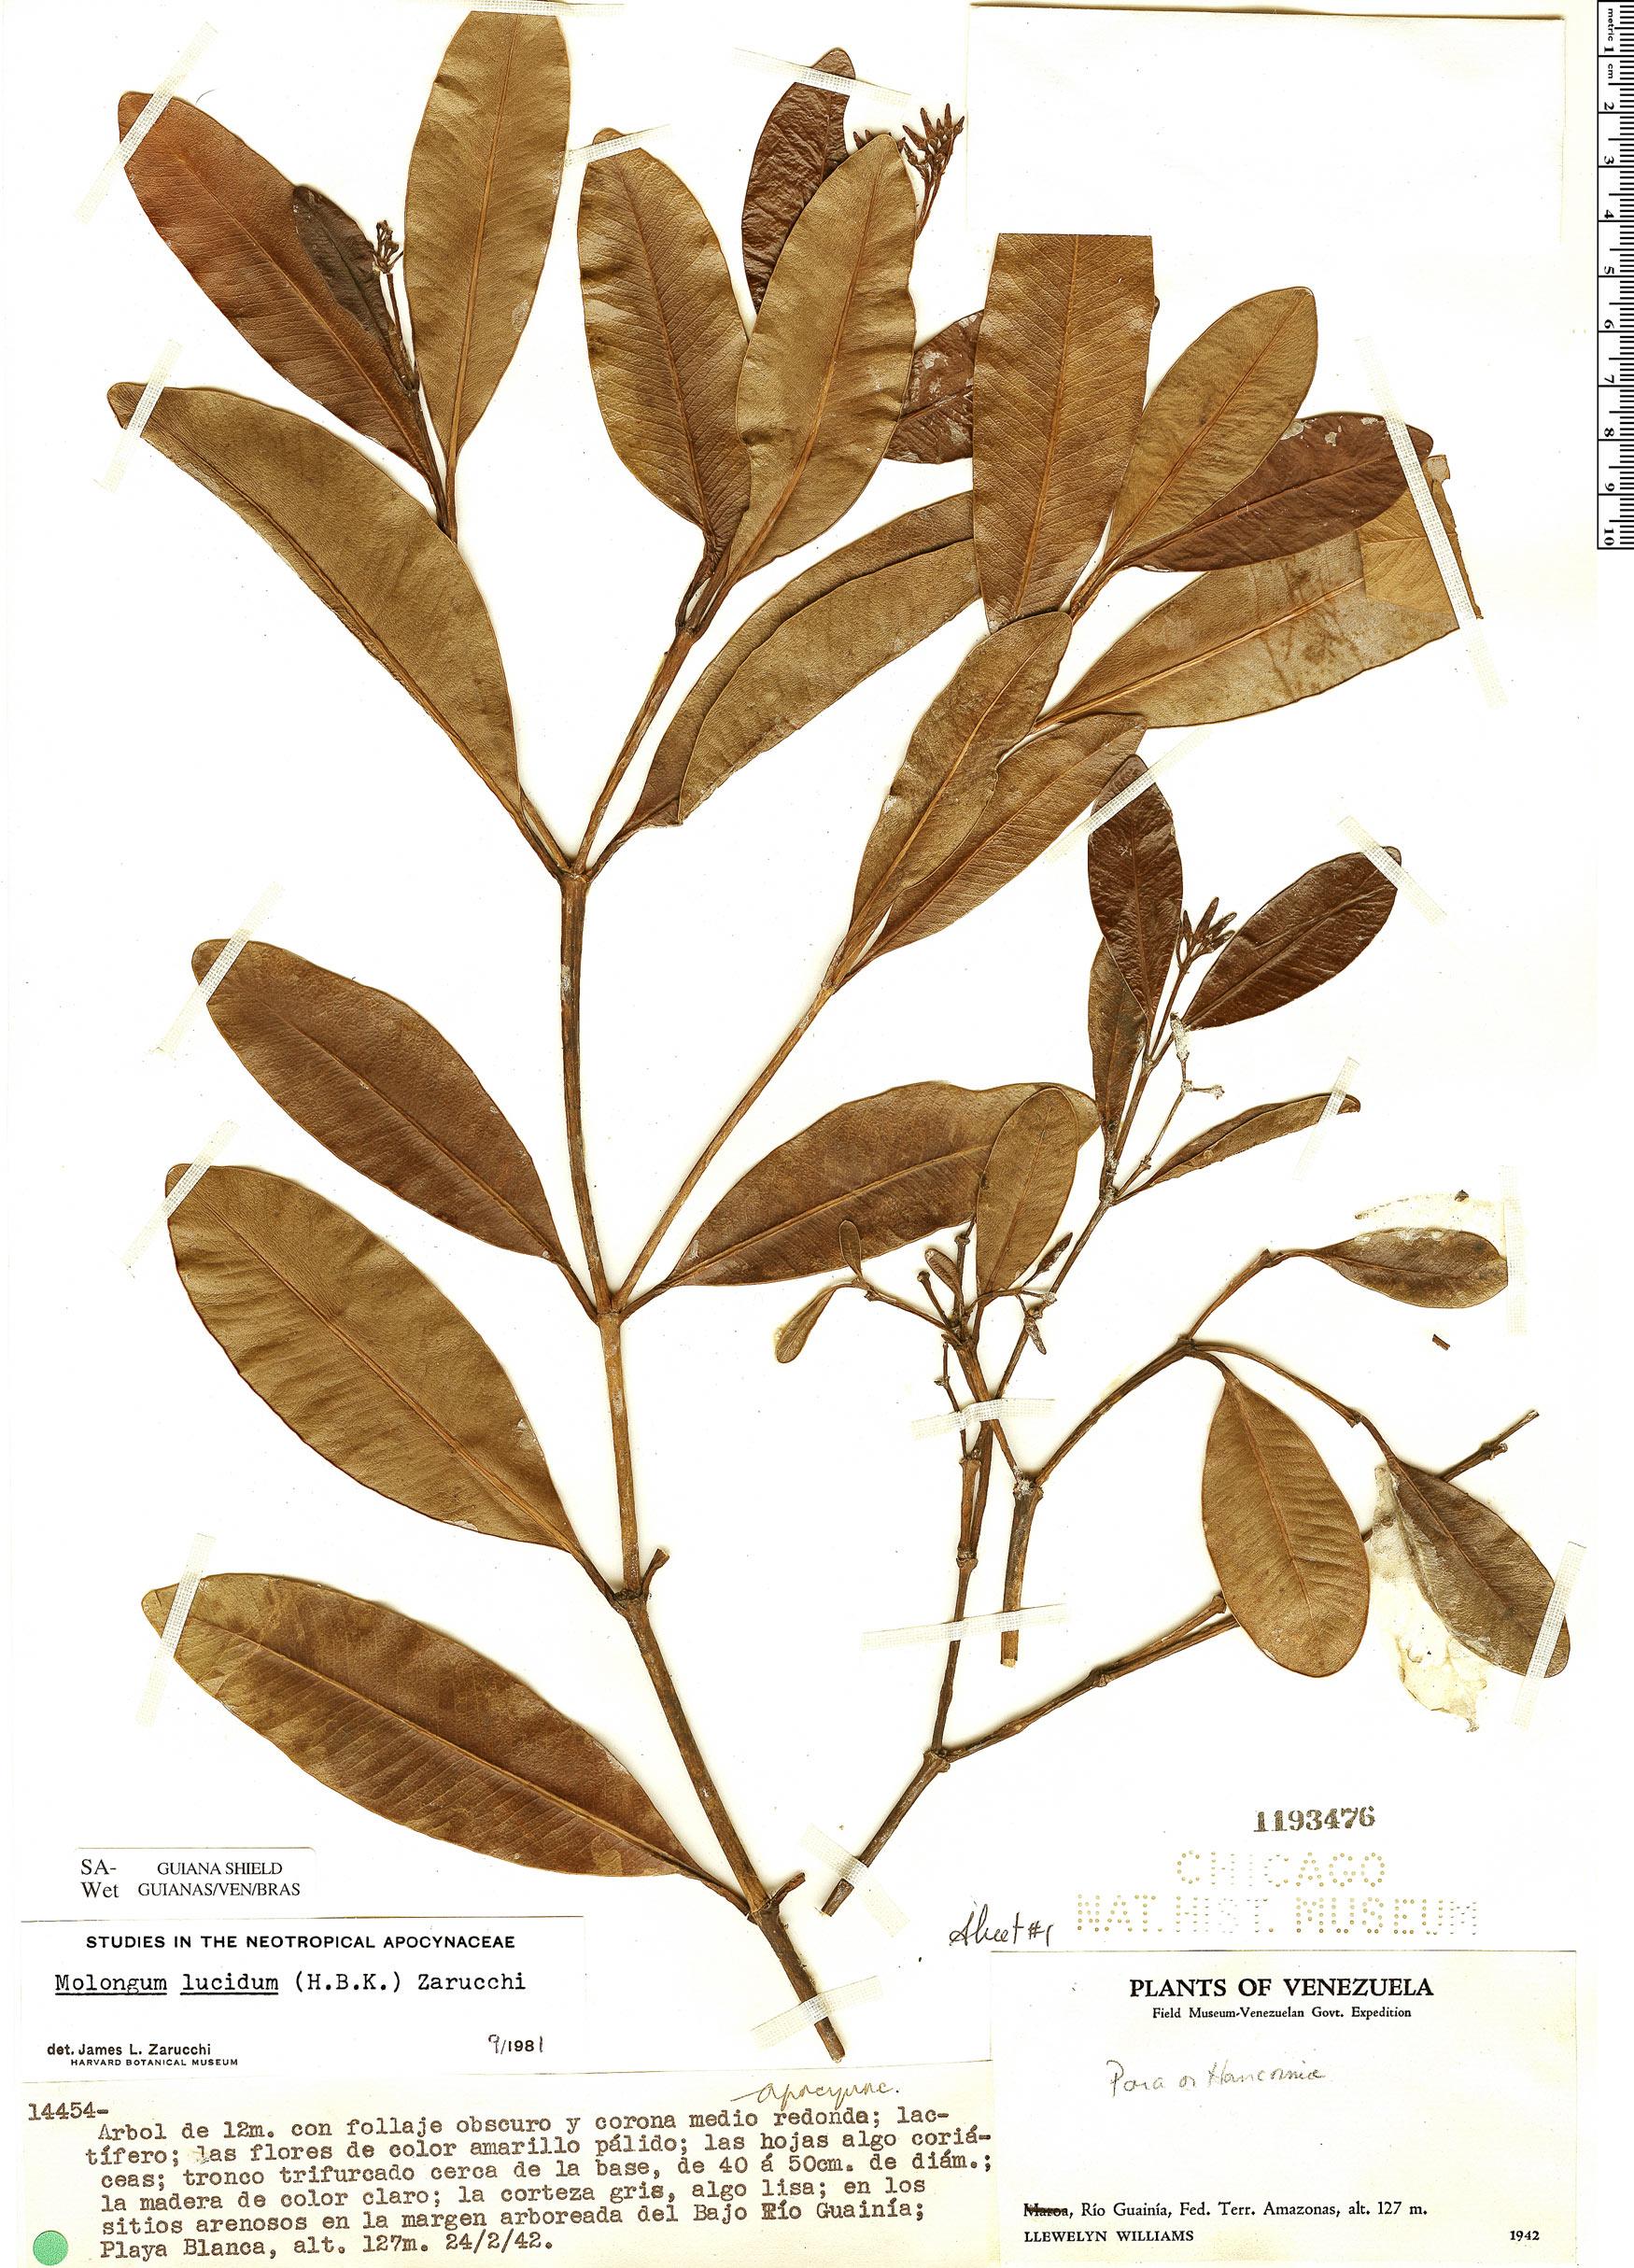 Specimen: Molongum lucidum